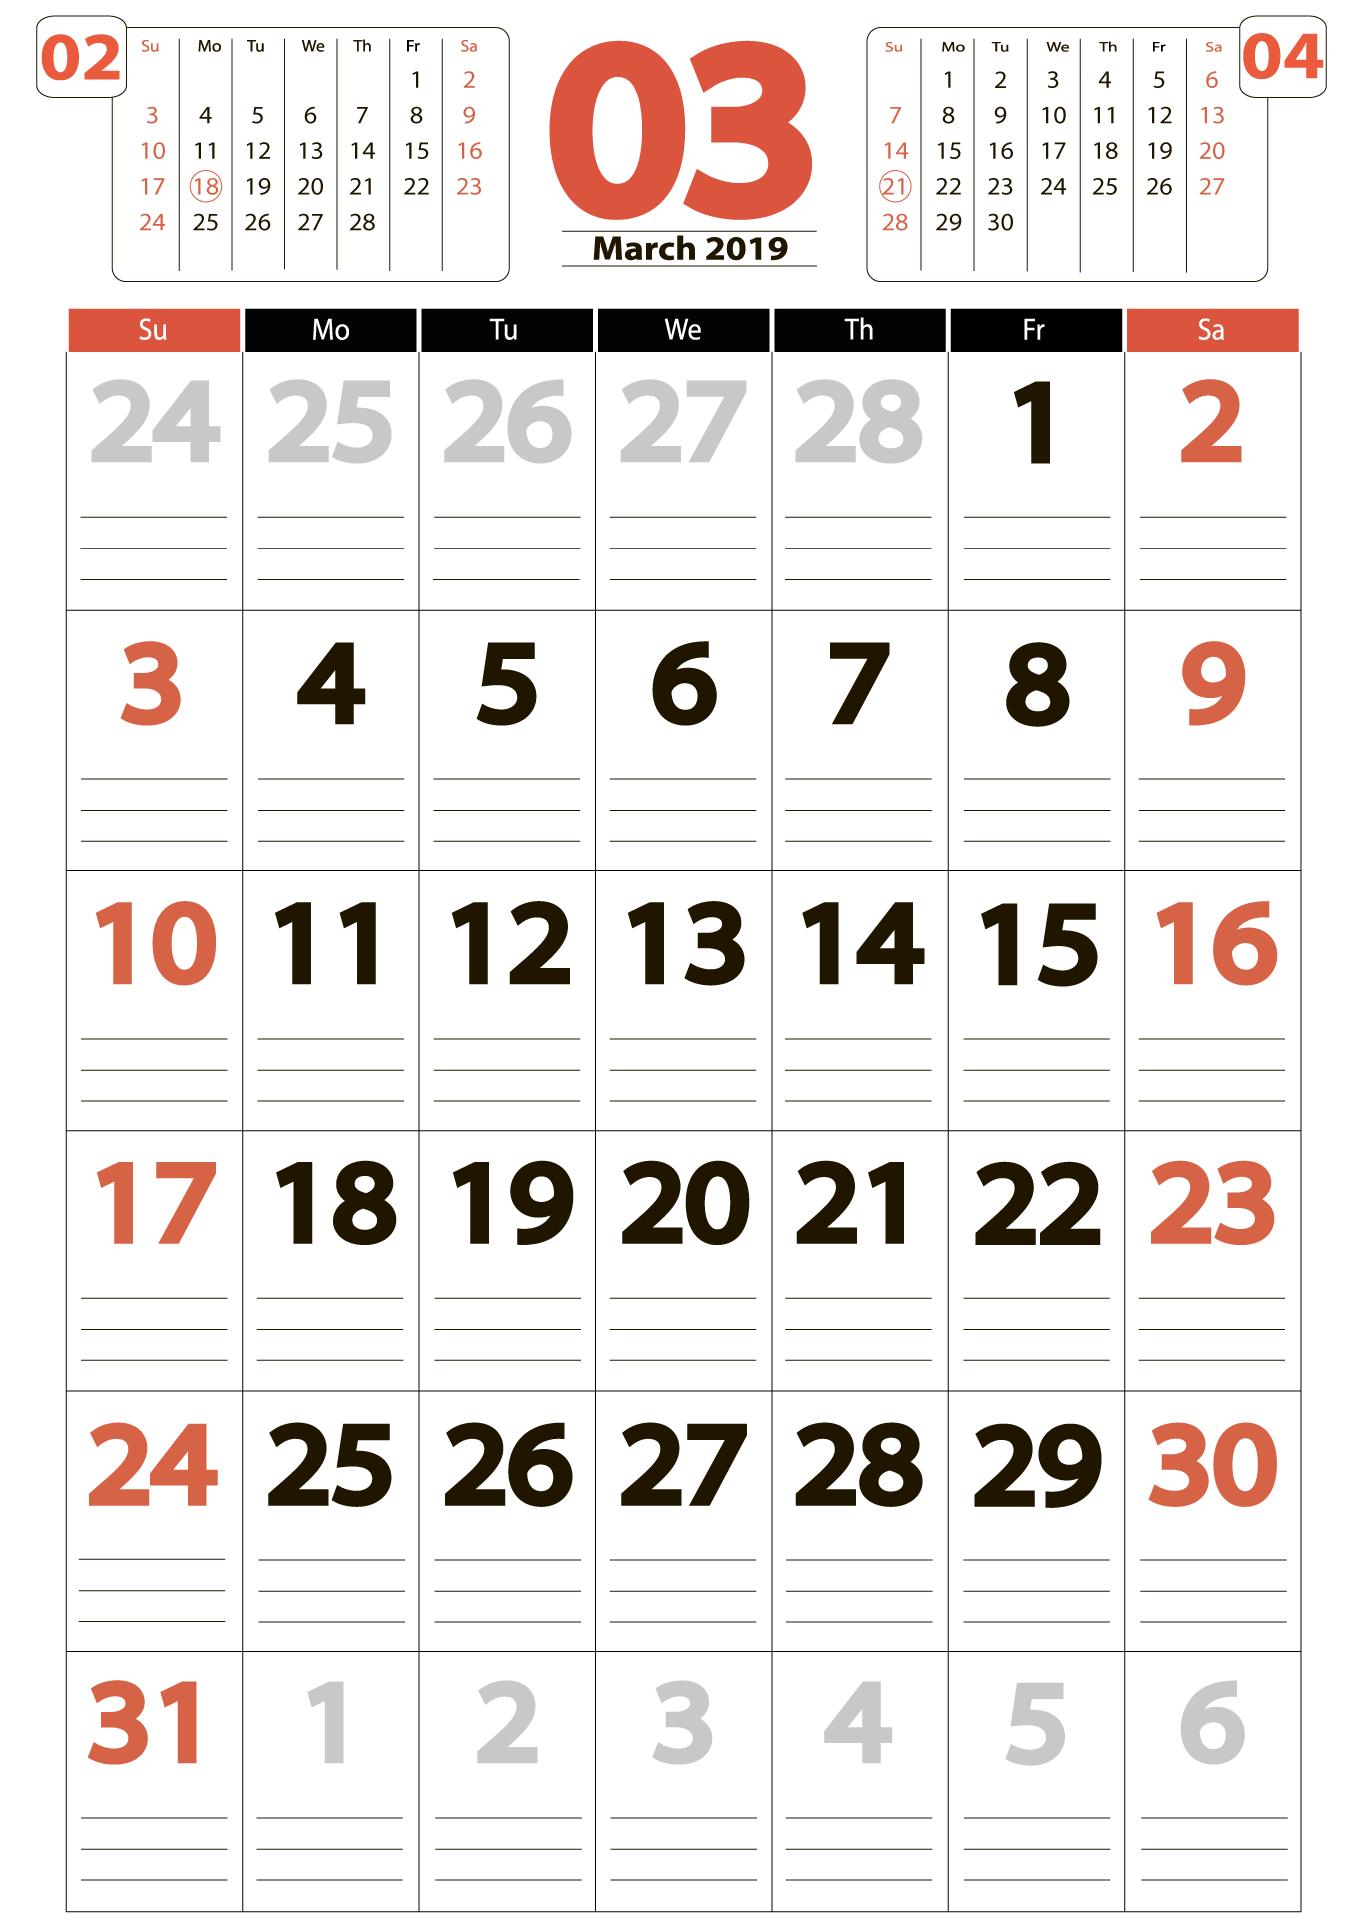 March 2019 calendar  portrait